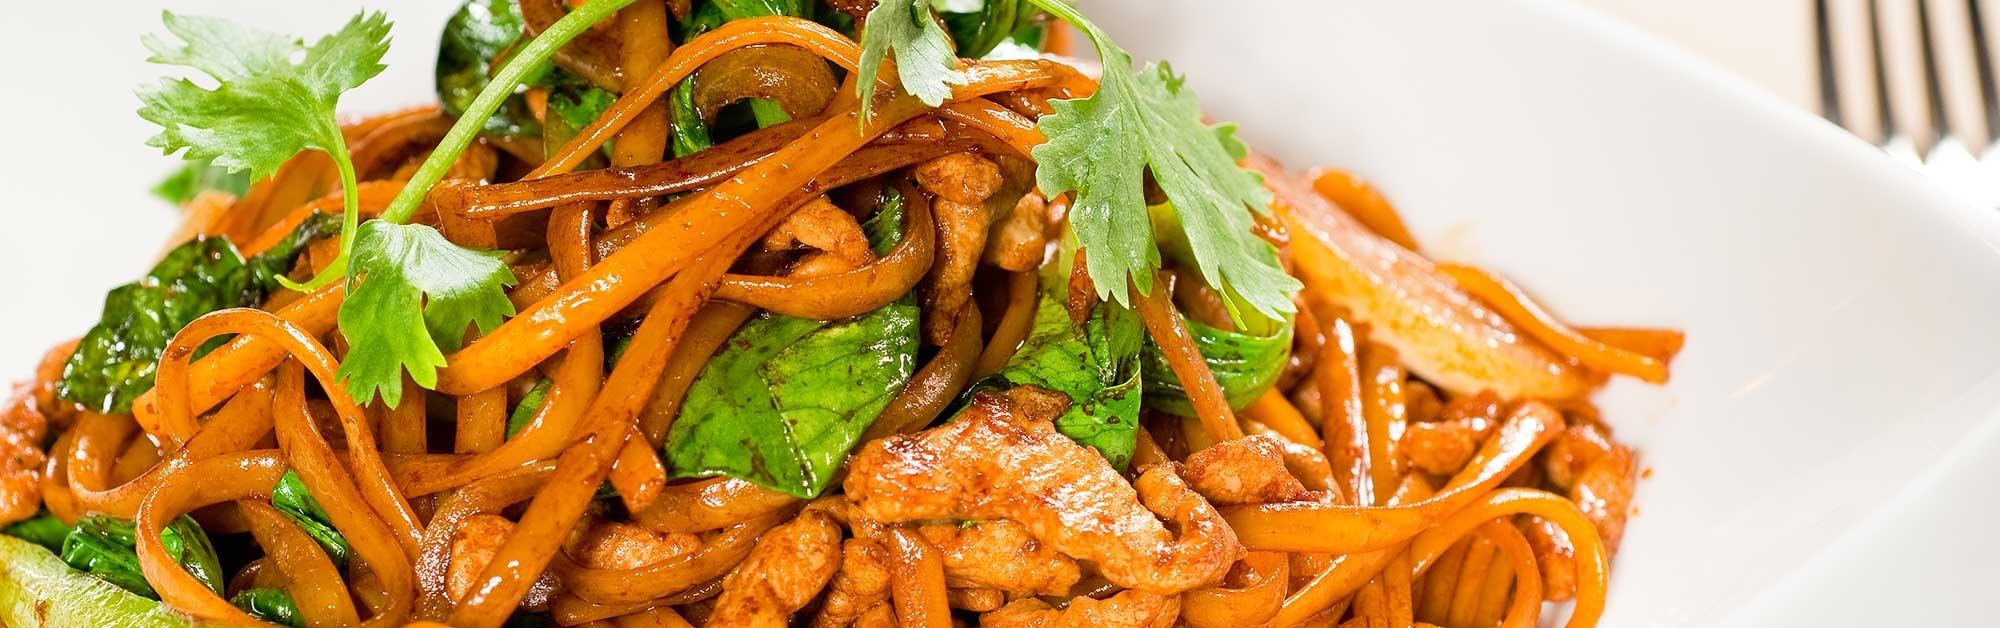 Lomo de cerdo marinado al estilo asiático